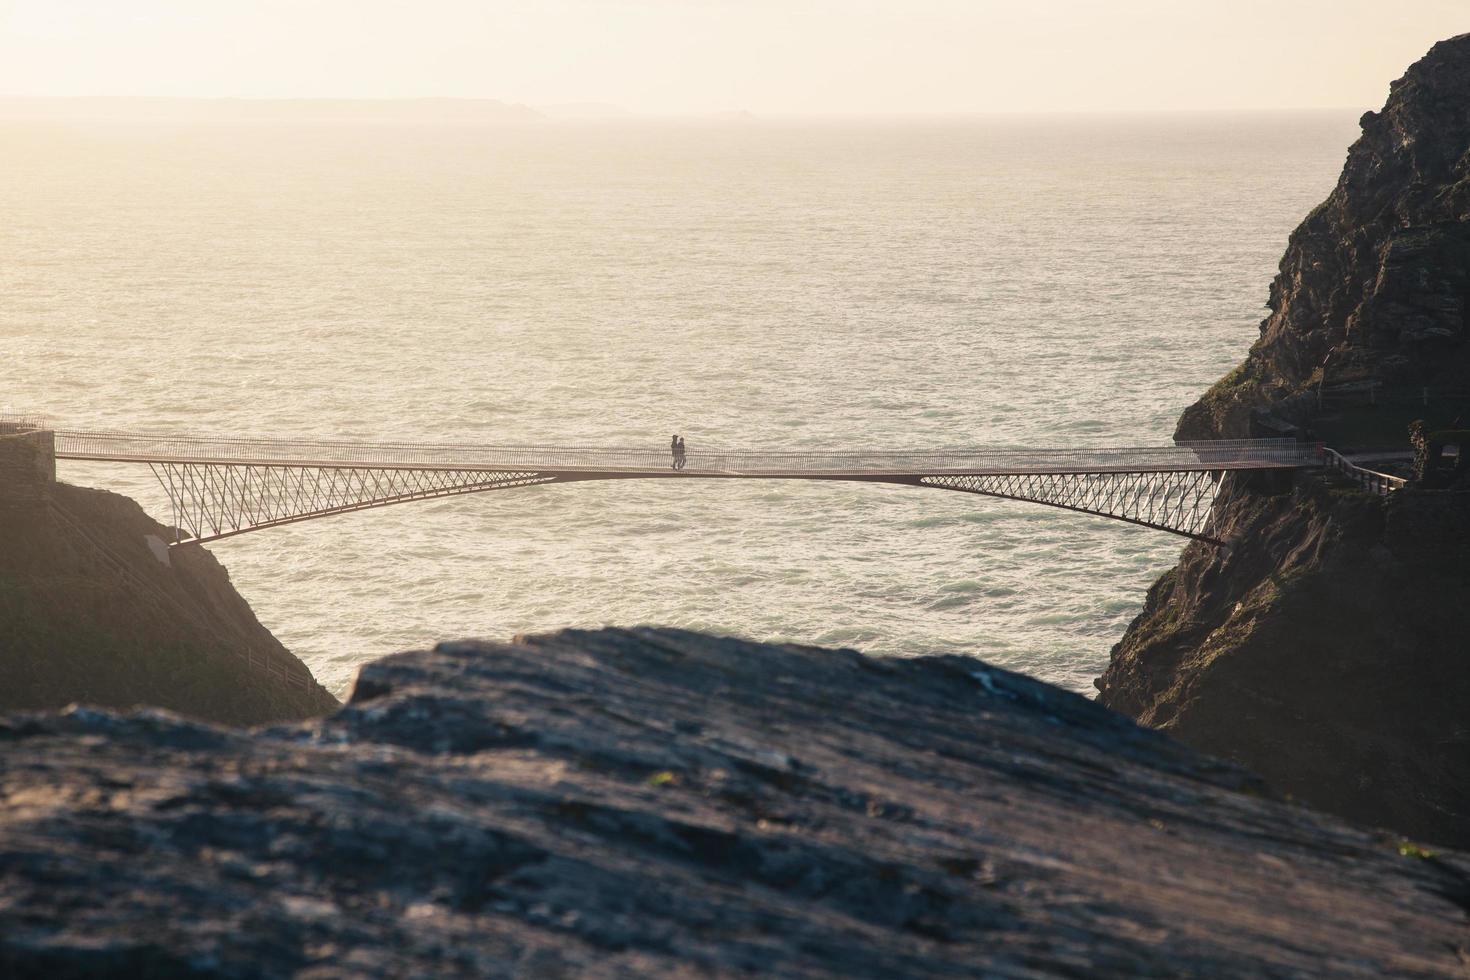 människor som går på en bro vid gyllene timmen foto